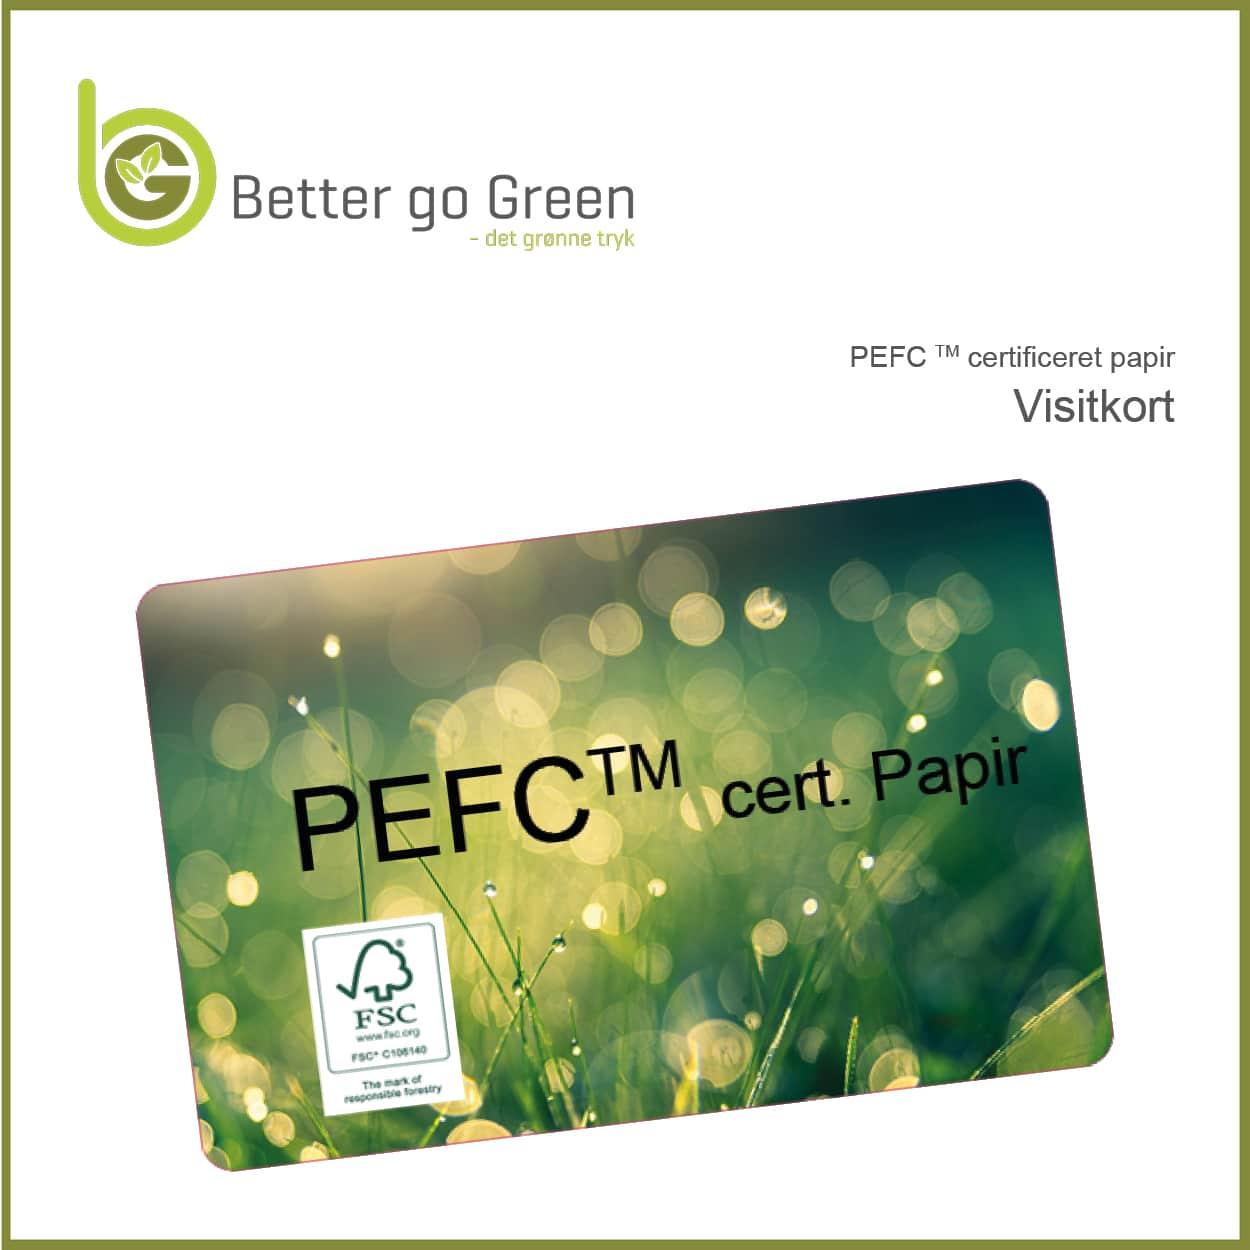 Visitkort af PEFC tm certificeret papir. BetterGoGreen.dk